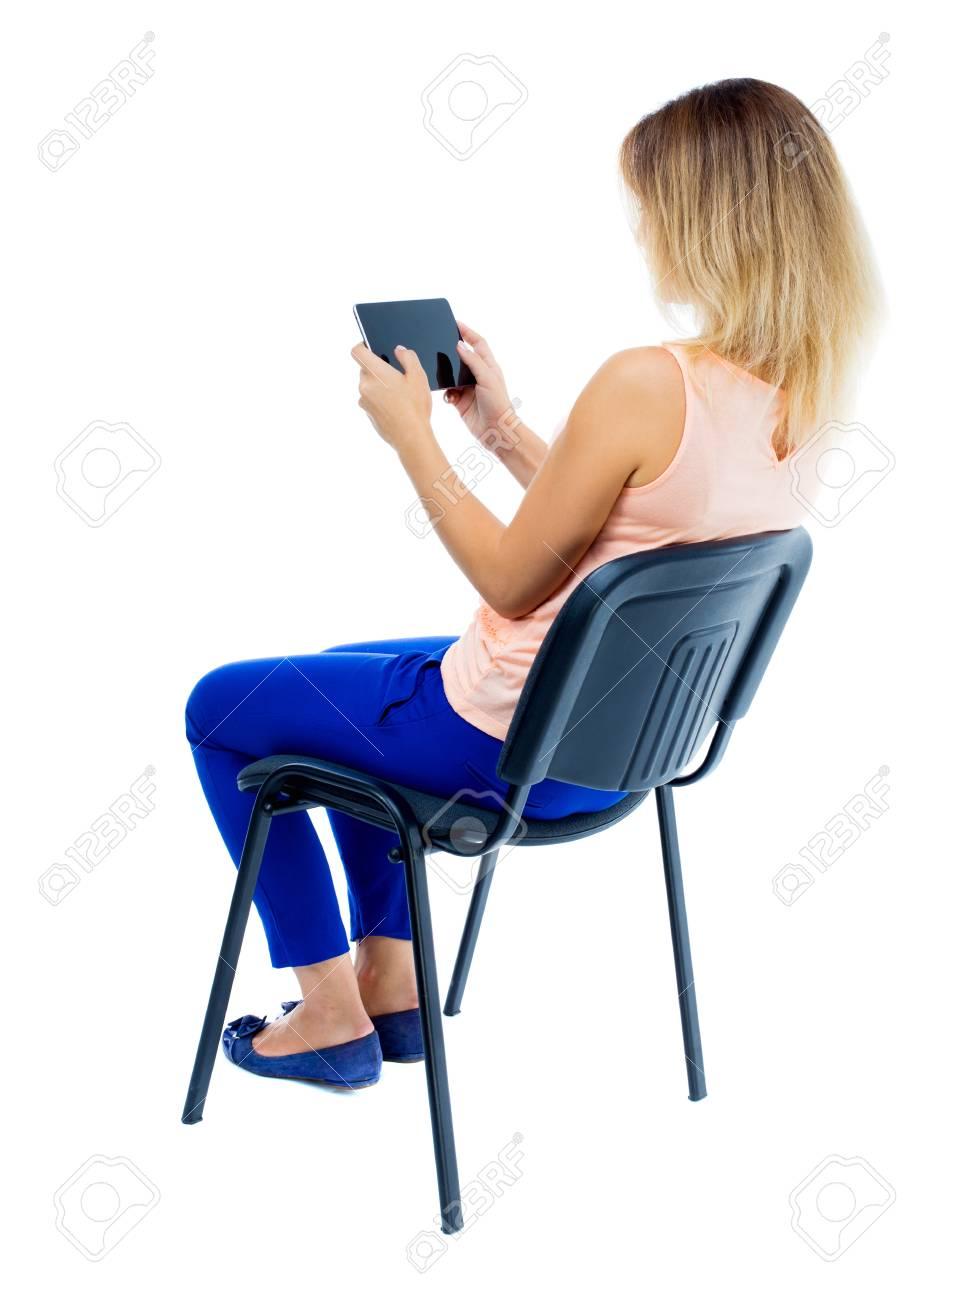 vue arriere de la femme assise sur une chaise et regarde l ecran de la tablette collection de personnes vue arriere vue arriere de la personne isole sur fond blanc blonde en pantalon